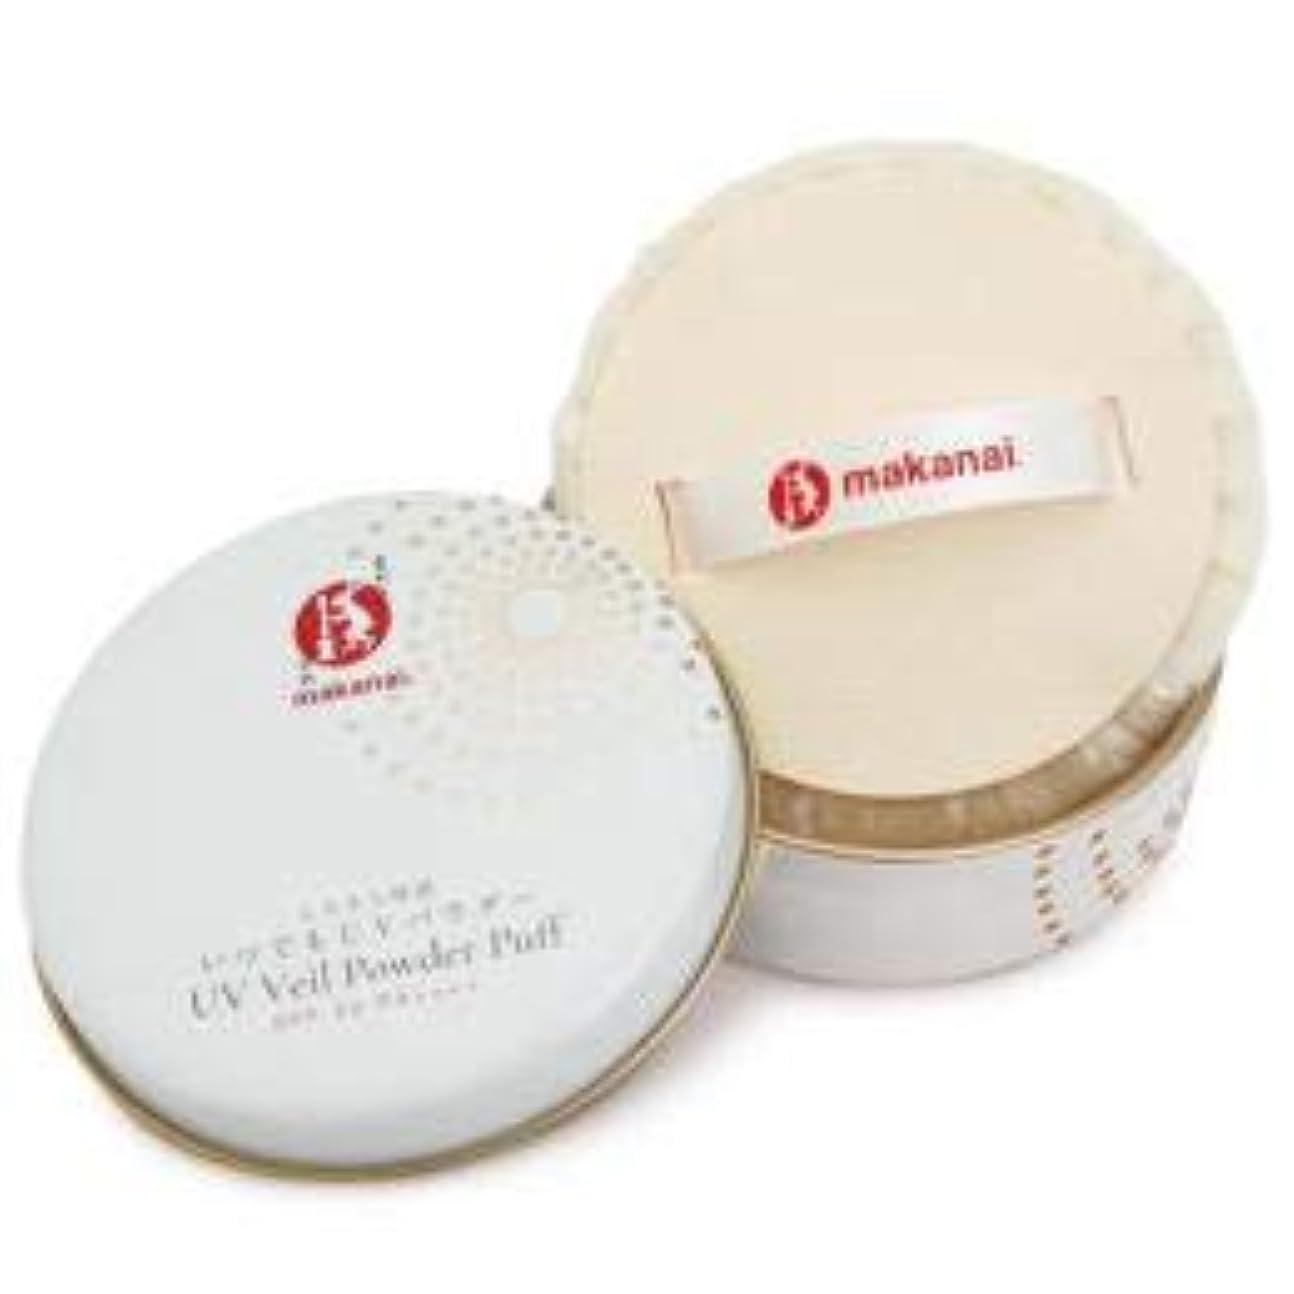 蒸気費やす一般まかないこすめ しろさら保湿 いつでもUVパウダーSPF50 PA++++(顔?からだ用)_10g